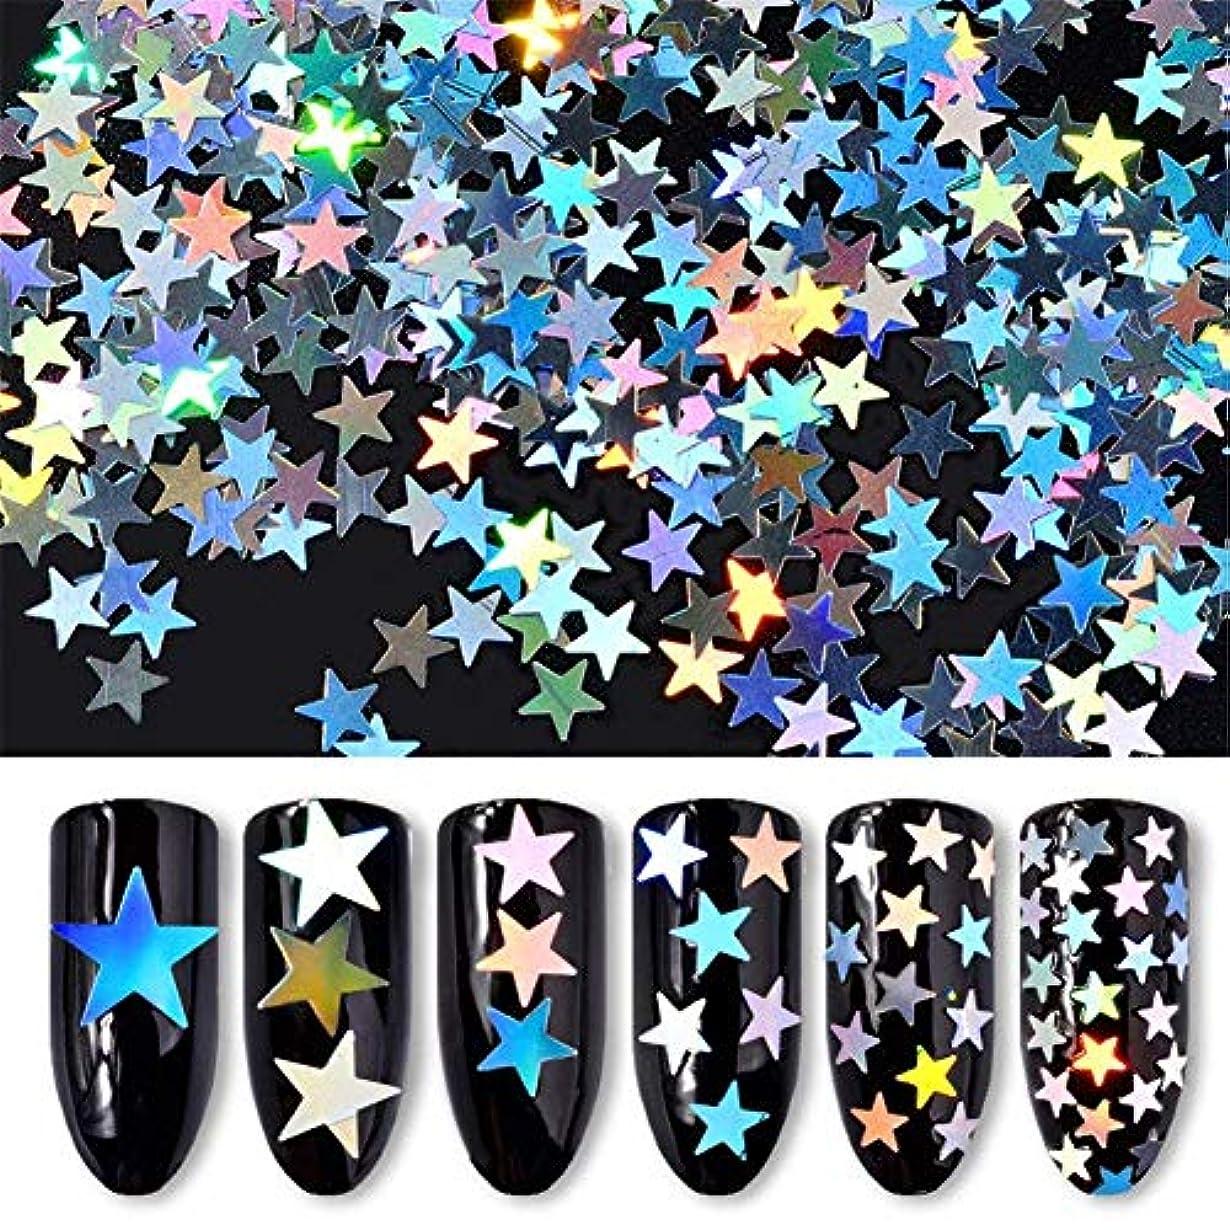 ランチペンフレンド容赦ない6ボックス/セット 星 スター ホログラム キラキラ 反射カメレオン ネイルパーツネイルアートネイルデコ